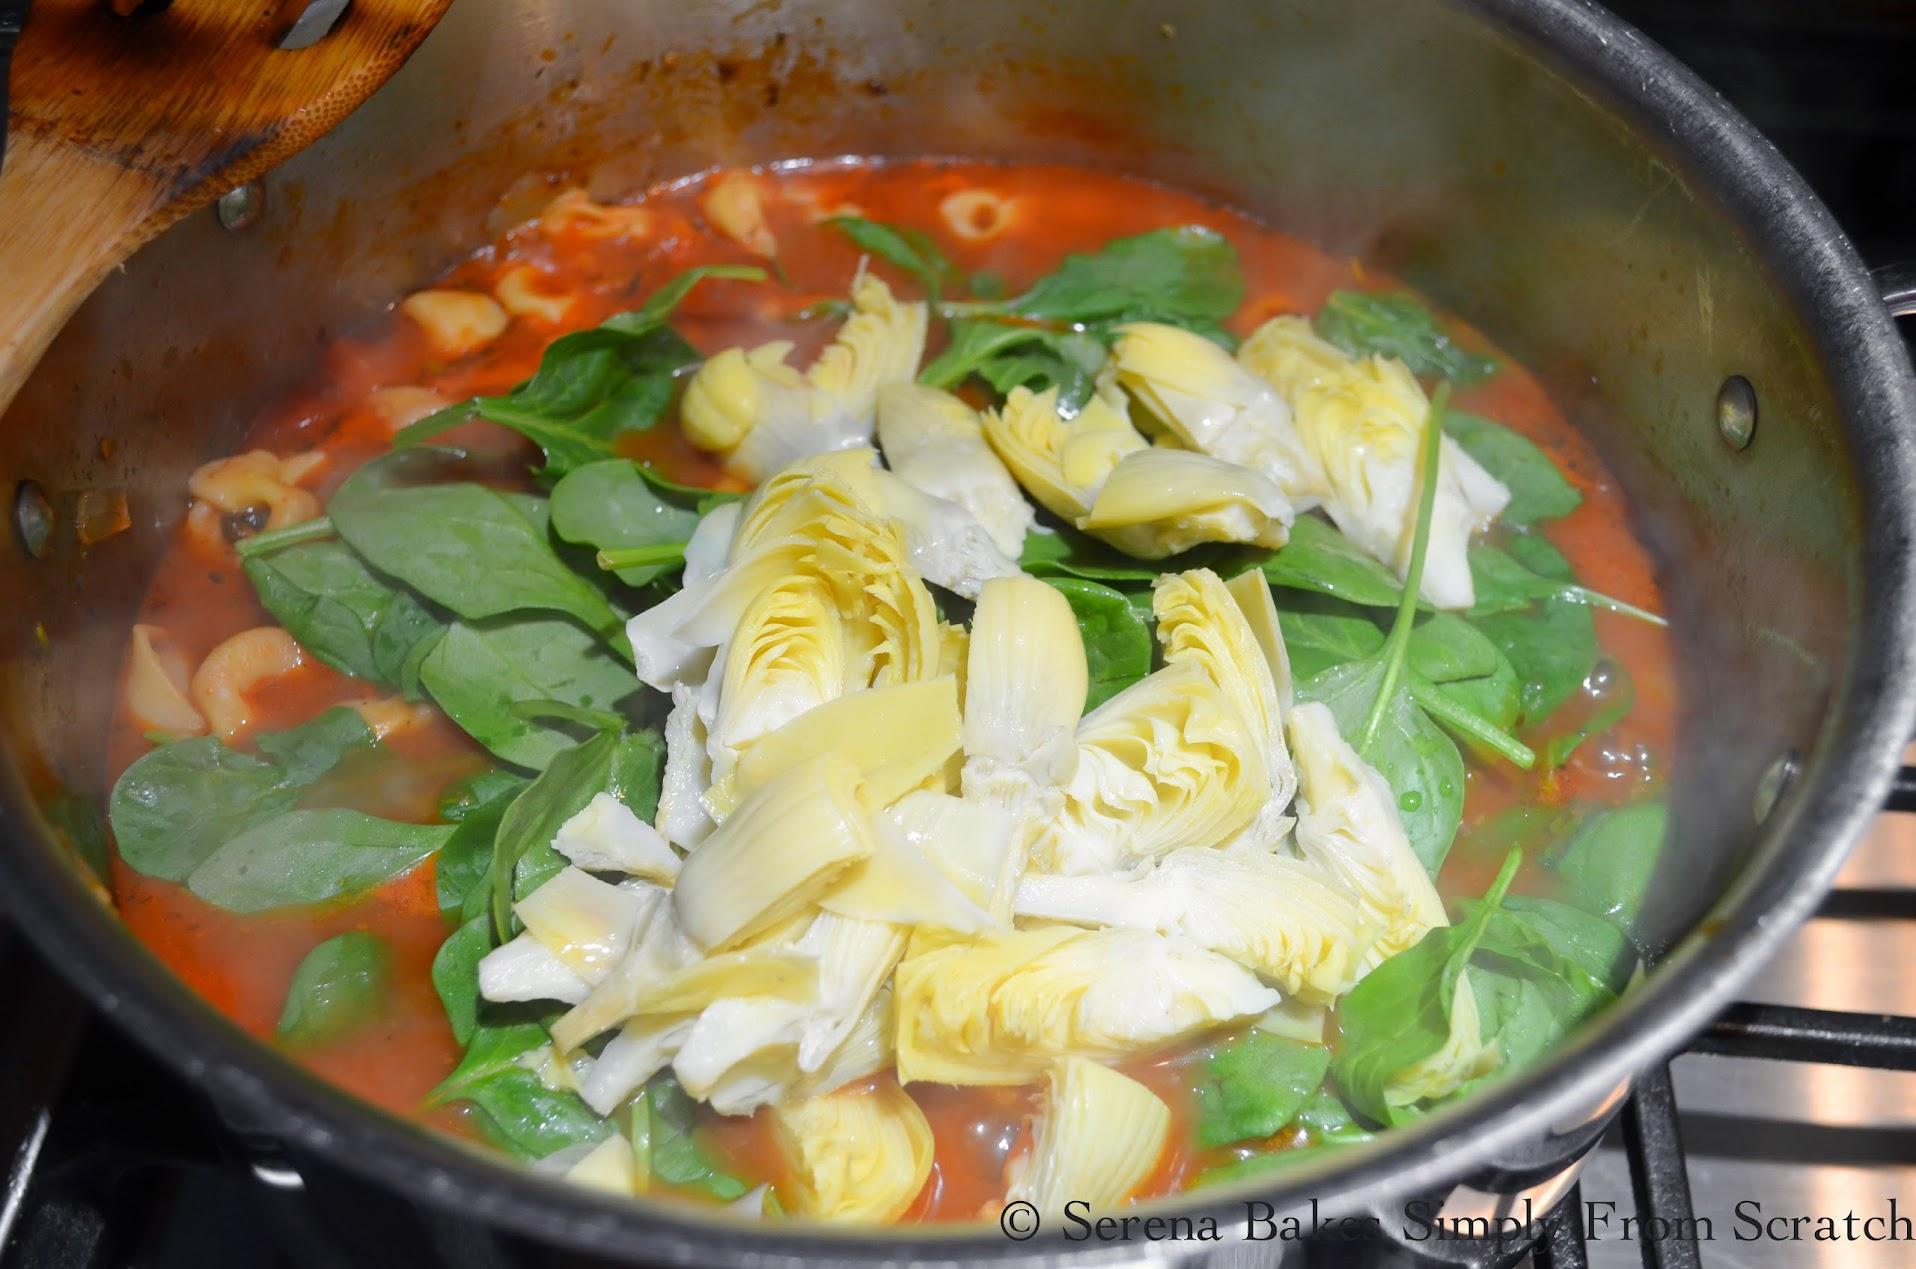 One-Pot-Tortellini-Sausage-Spinach-Artichokes-Spinach-Artichokes.jpg